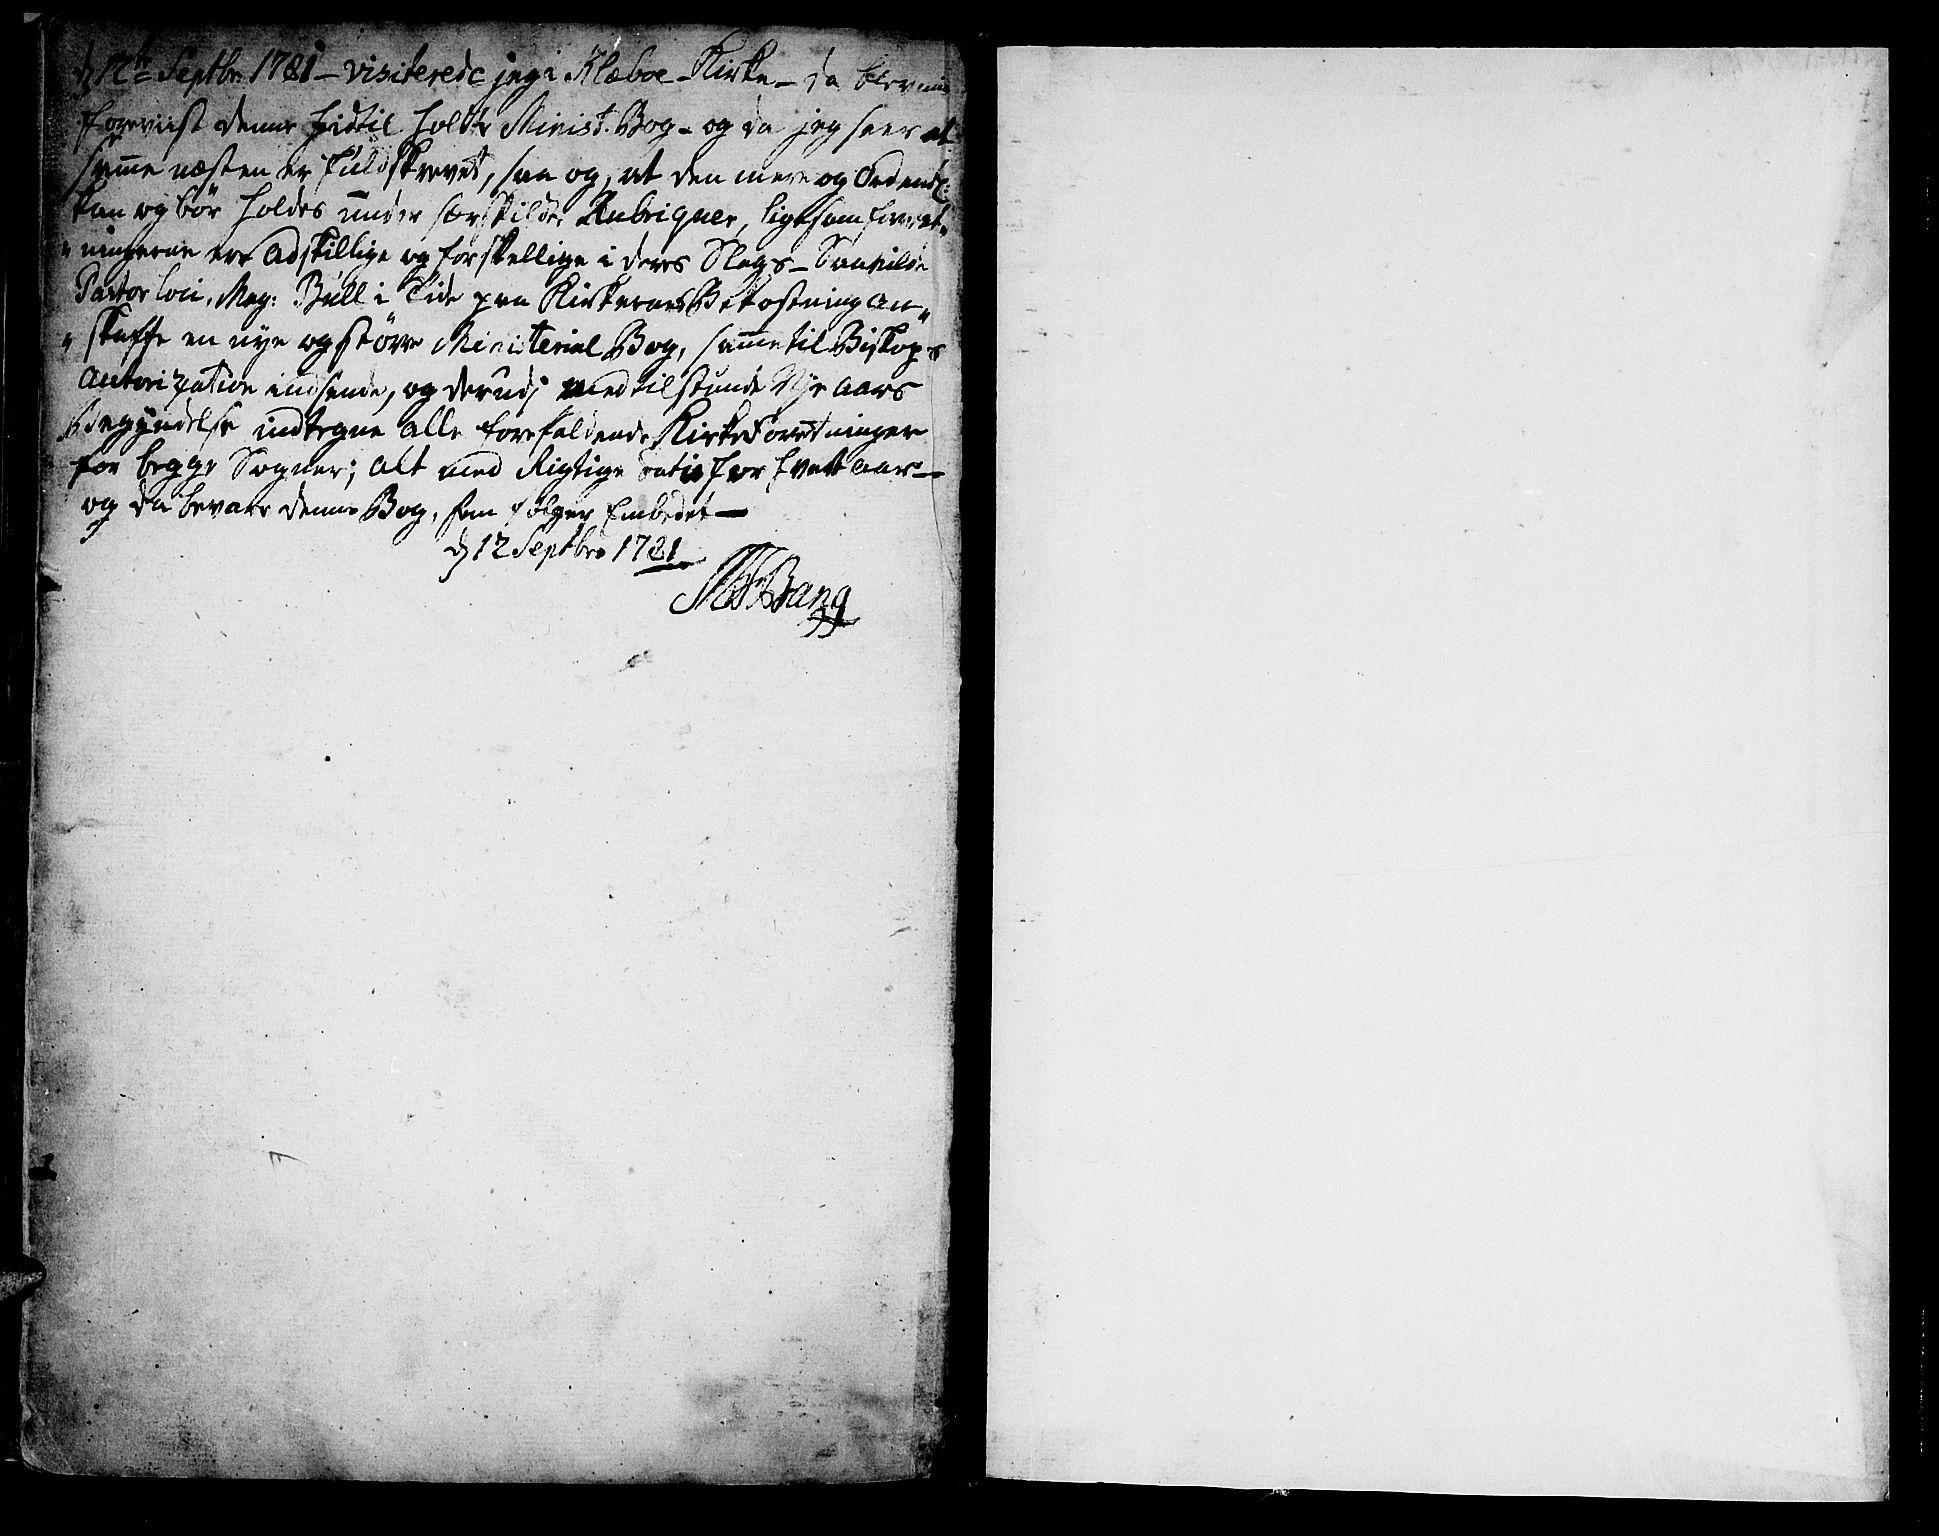 SAT, Ministerialprotokoller, klokkerbøker og fødselsregistre - Sør-Trøndelag, 618/L0437: Ministerialbok nr. 618A02, 1749-1782